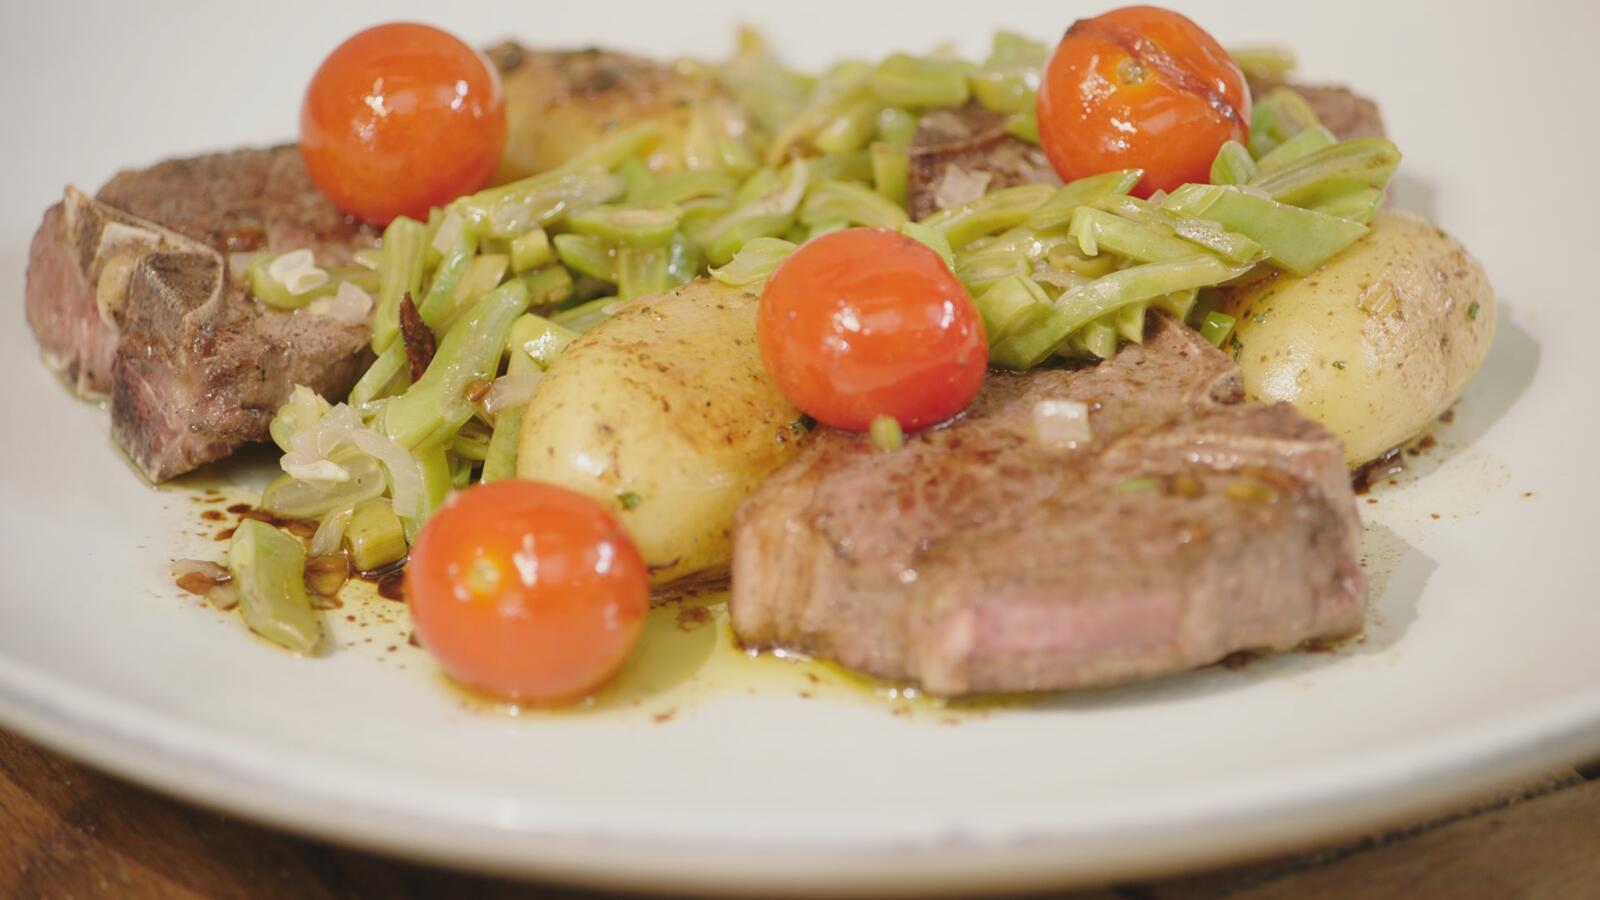 Lamskoteletten met snijbonen, rozemarijnaardappelen en kerstomatenvinaigrette